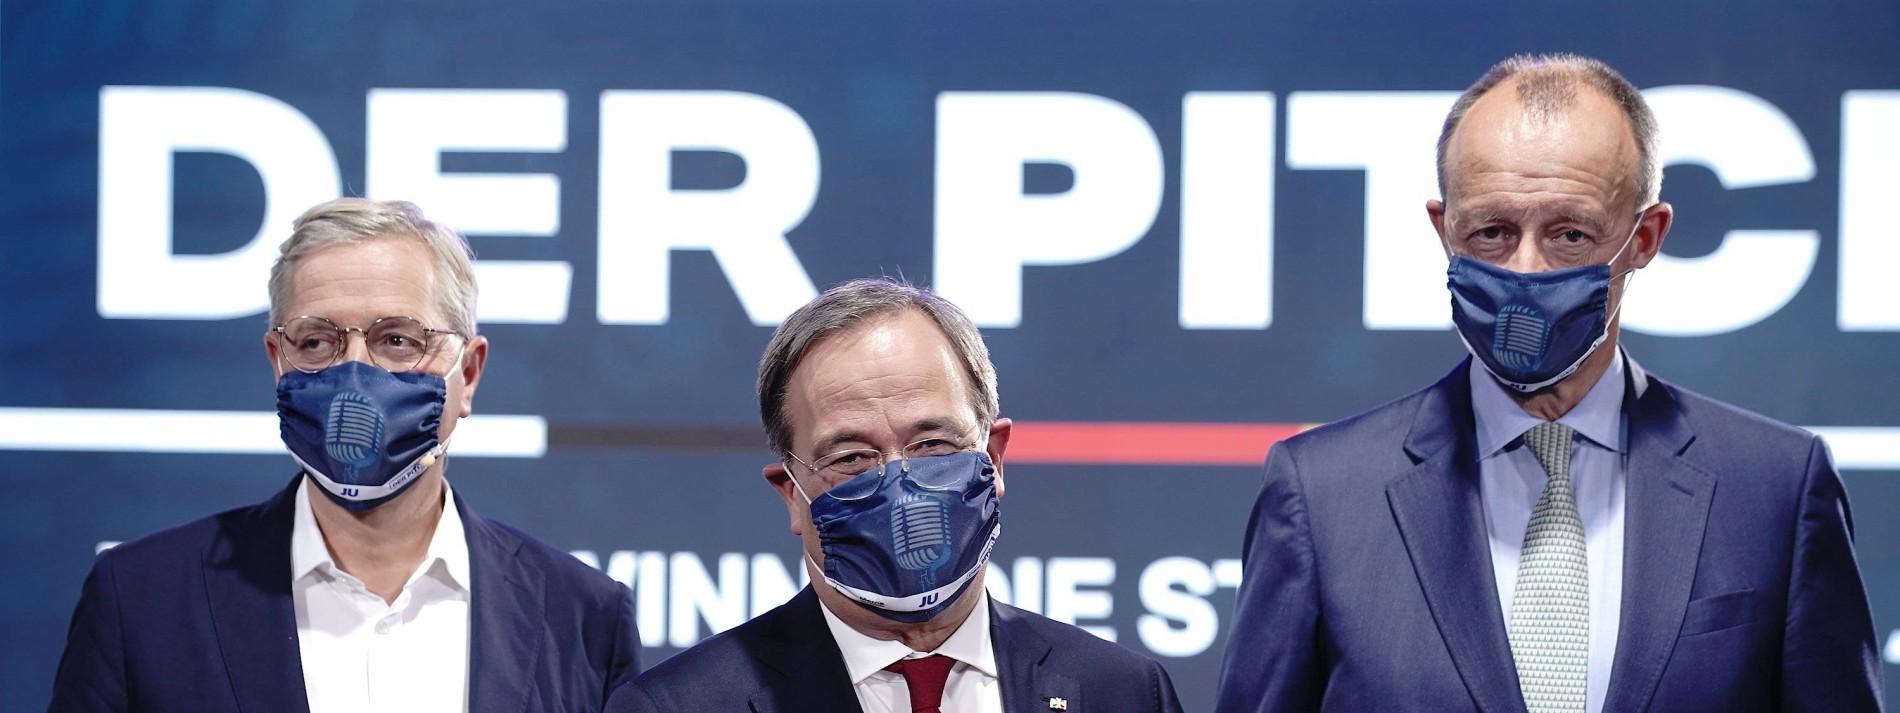 CDU verschiebt Bundesparteitag auf 2021